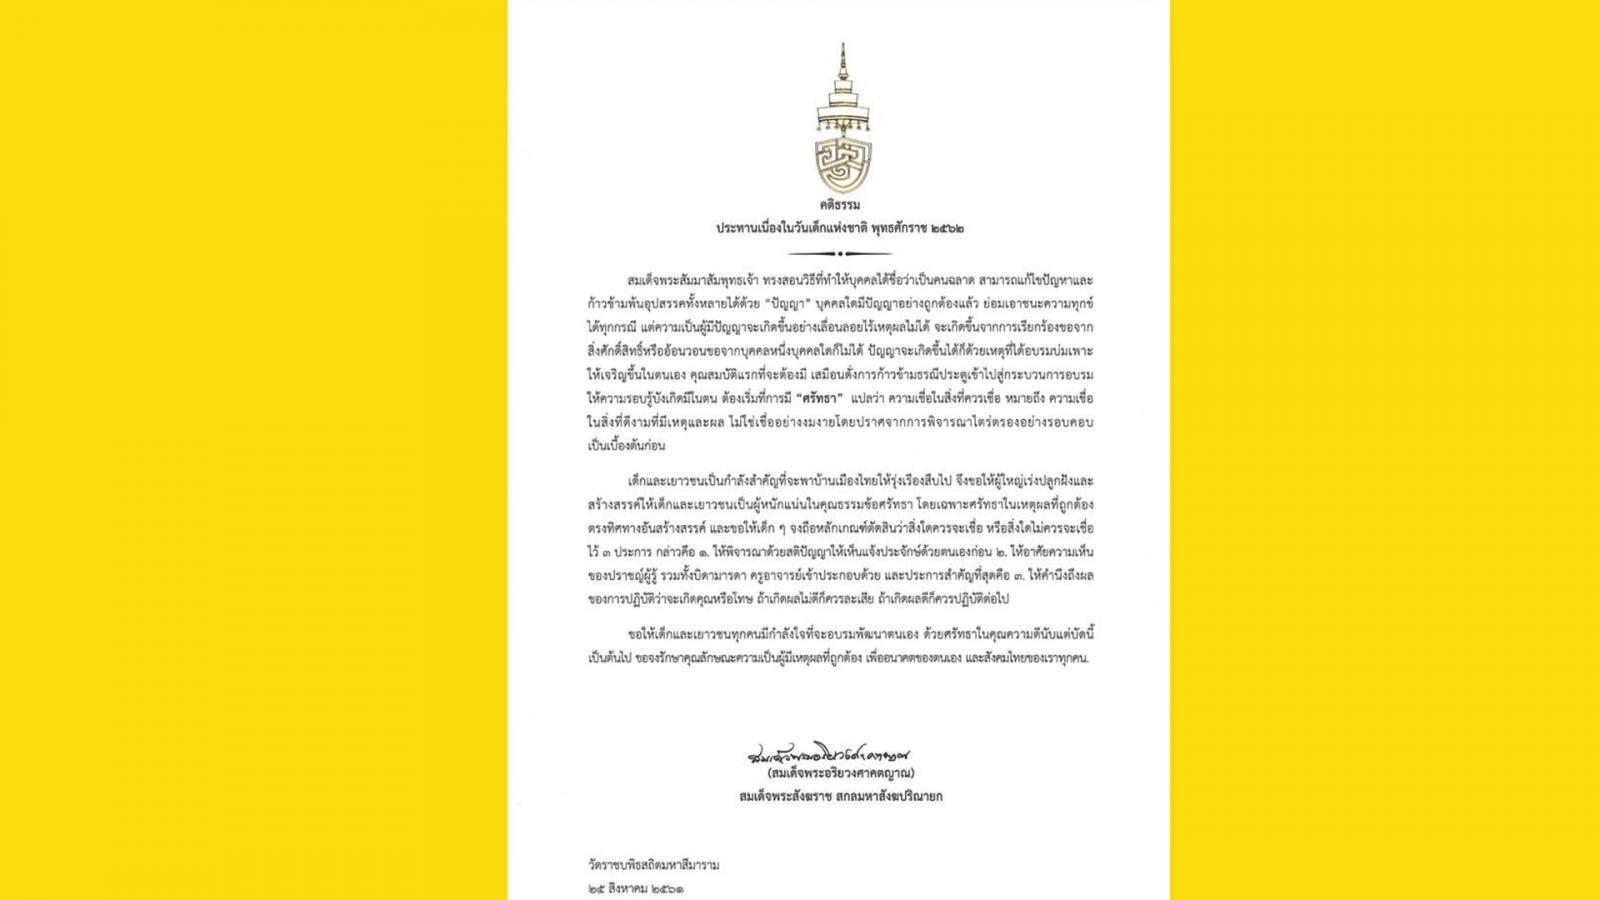 สมเด็จพระสังฆราชฯ ประทานคติธรรมเนื่องในวันเด็ก 2562